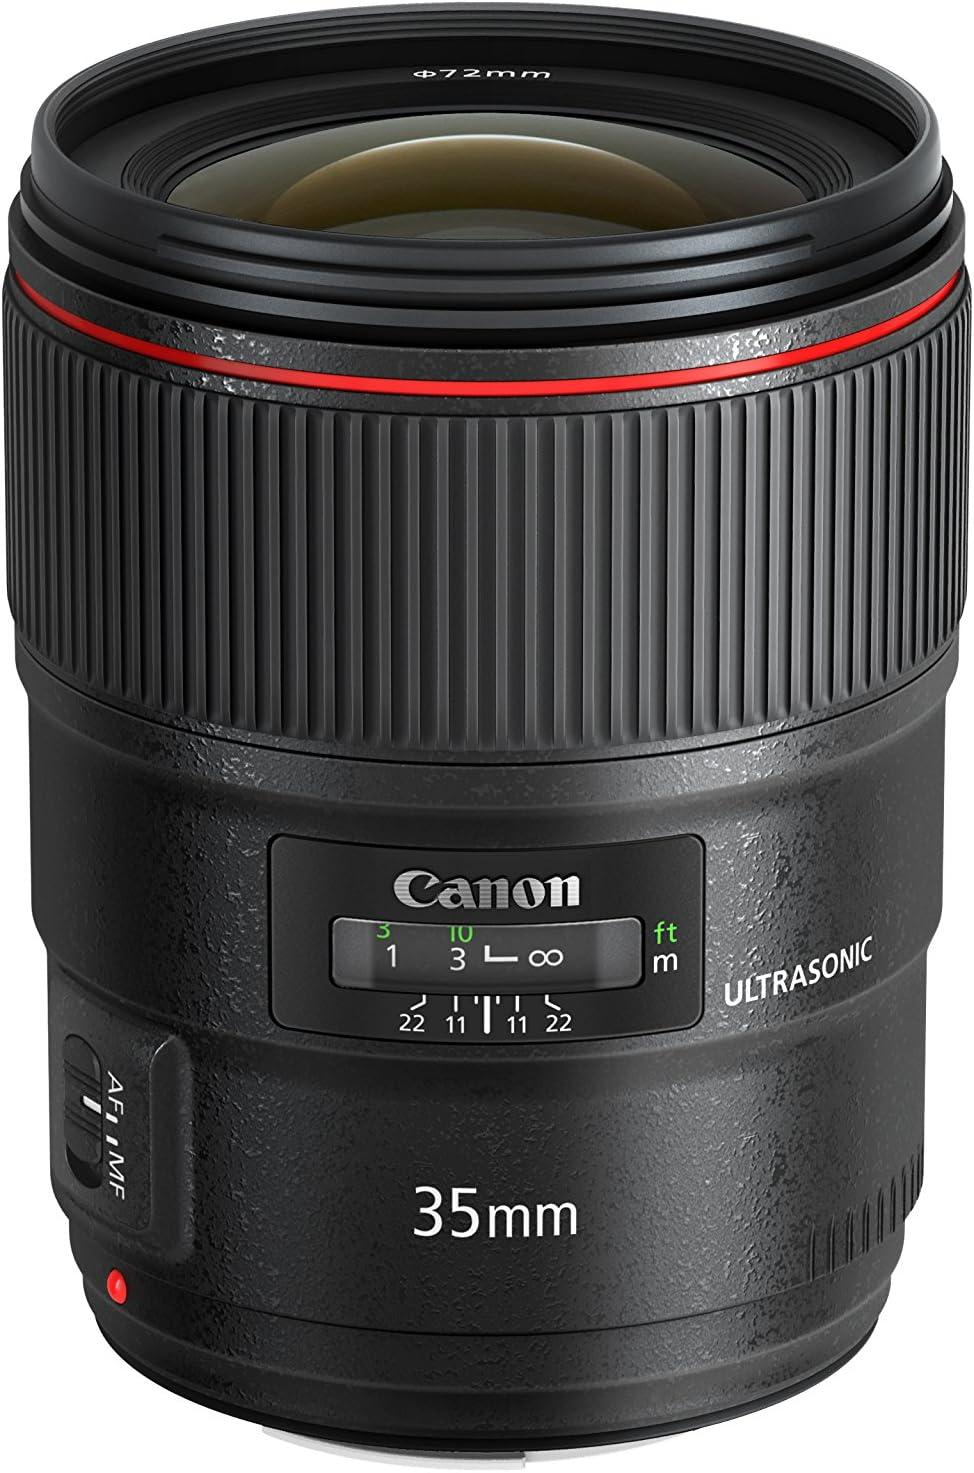 Canon EF 35mm f/1.4L II USM Lens, Lens Only